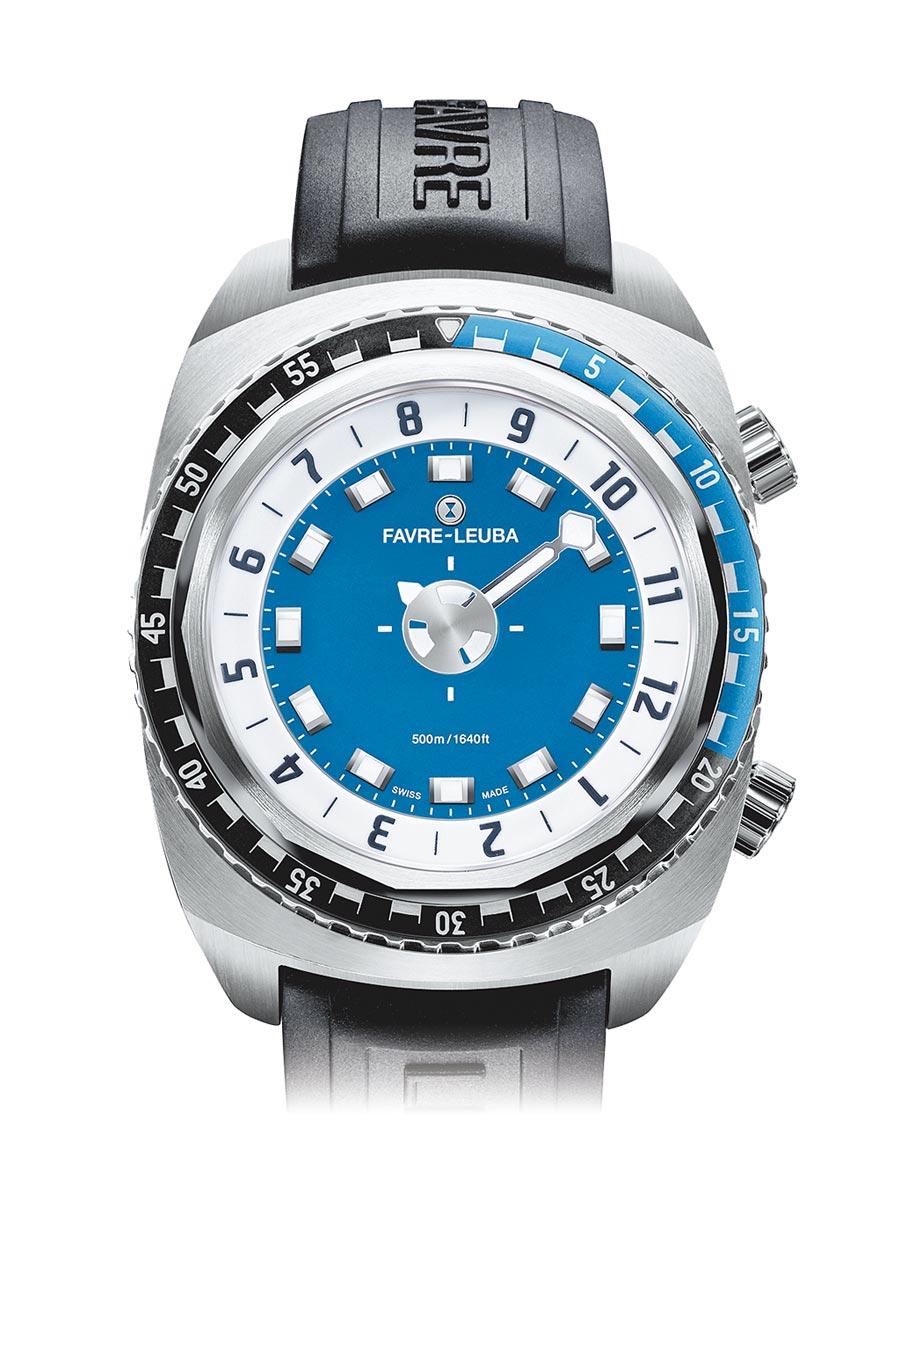 域峰表潛水系列Raider Harpoon單指針藍色面盤橡膠表帶腕表,13萬5000元。(瑞博品提供)